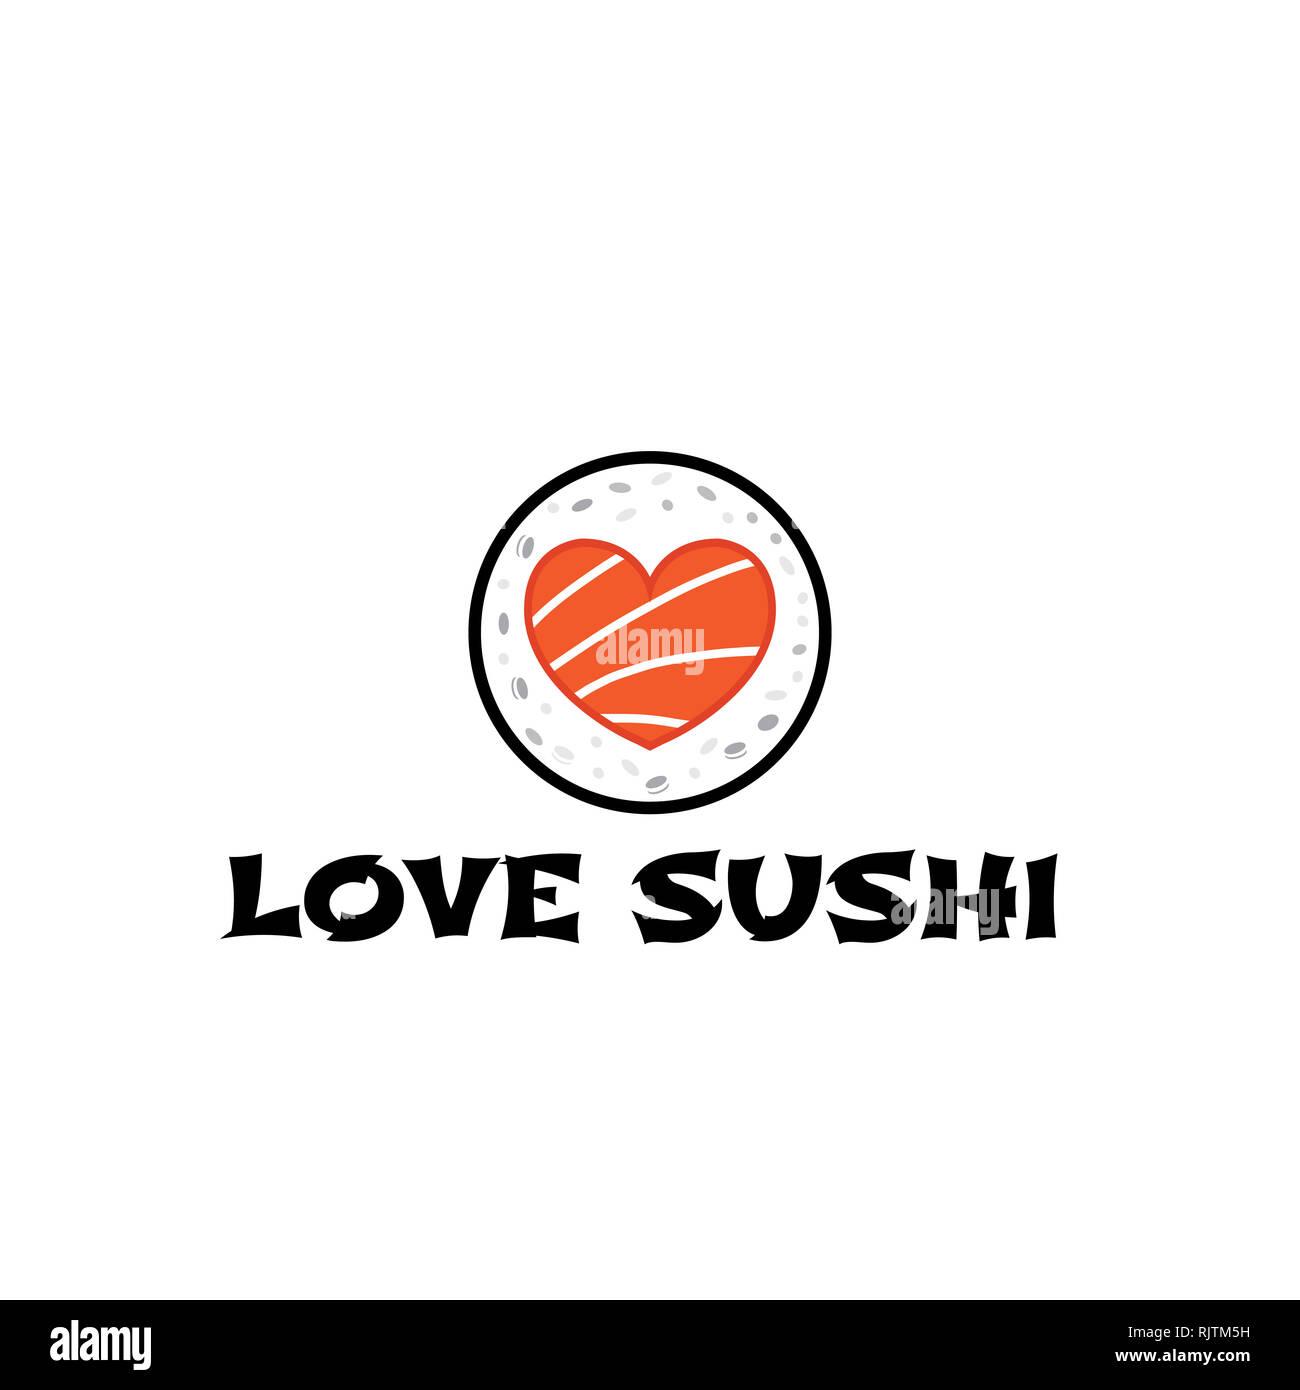 Logo Sushi Restaurant Japanese With Chopstick Stock Photo Alamy